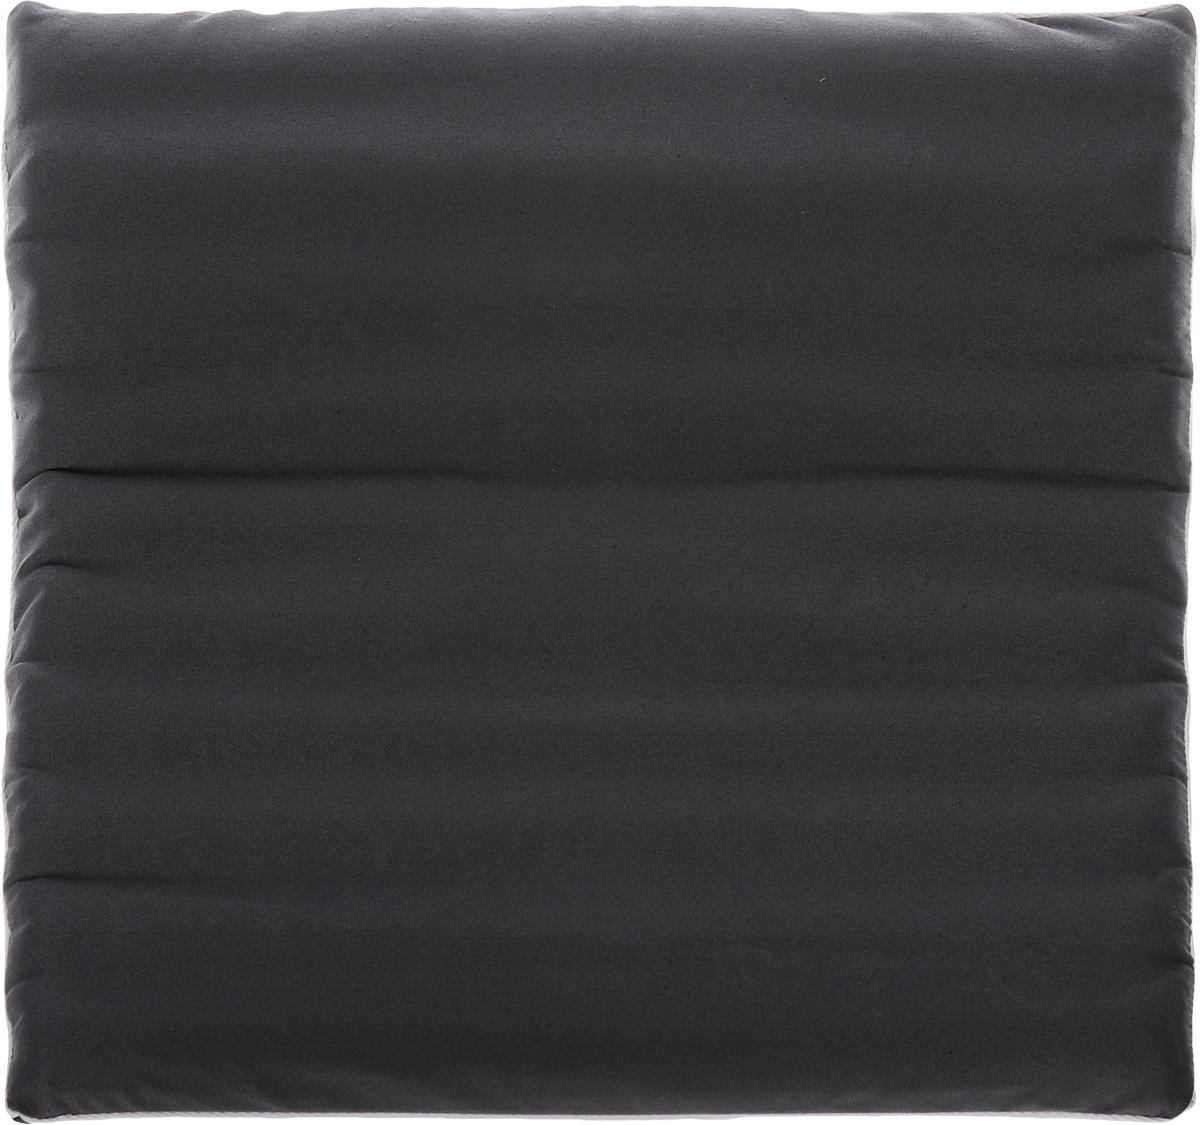 Подушка на сиденье Smart Textile Гемо-комфорт офис, с чехлом, наполнитель: лузга гречихи, 50 х 50 смT579Подушка на сиденье Smart Textile Гемо-комфорт офис создана для тех, кто весьсвойрабочий день вынужден проводить в офисном кресле. Наполнителем служатлепестки лузги гречихи, которые обеспечивают микромассаж кожи иповерхностных мышц, а также обеспечивают удобную посадку и снимаютнапряжение. Особенности подушки: - Хорошо проветривается. - Предупреждает потение. - Поддерживает комфортную температуру. - Обминается по форме тела. - Улучшает кровообращение. - Исключает затечные явления. - Предупреждает развитие заболеваний, связанных с сидячим образом жизни.Конструкция подушки, составленная из ряда валиков, обеспечивает ещебольший массажный эффект, а плотная износостойкая ткань хорошоудерживает наполнитель, сохраняет форму подушки и продлевает срок службыизделия. Подушка также будет полезна и дома - при работе за компьютером, школьникам- при выполнении домашних работ, да и в любимом кресле перед телевизором.В комплект прилагается сменный чехол, выполненный из смесовой ткани, засчет чего уход за подушкой становится удобнее и проще.